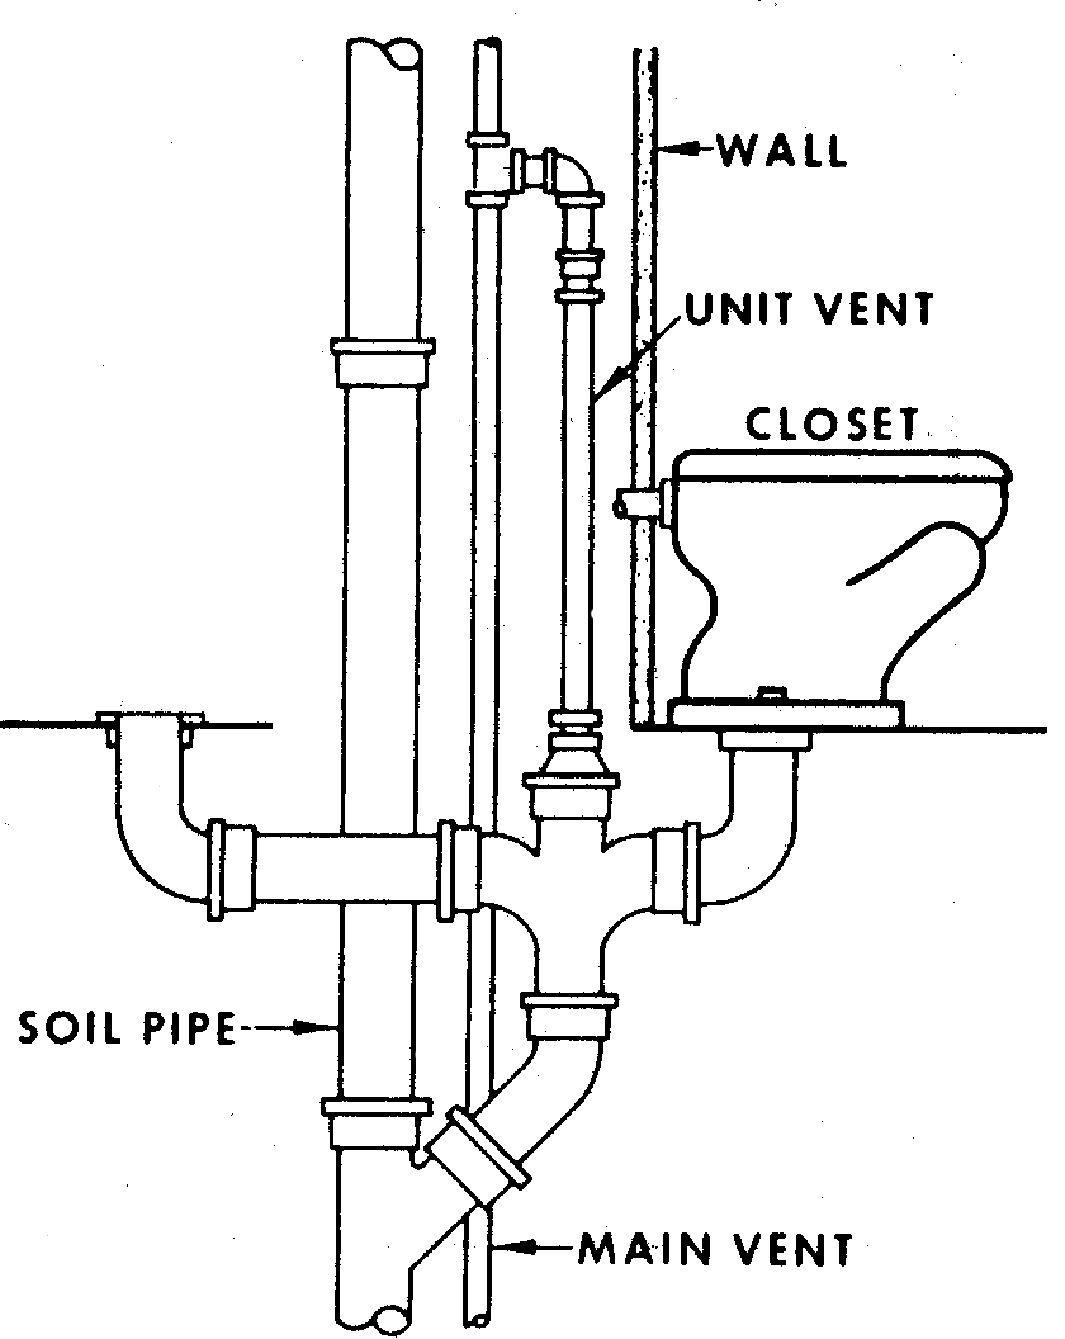 Pin On Plumbing